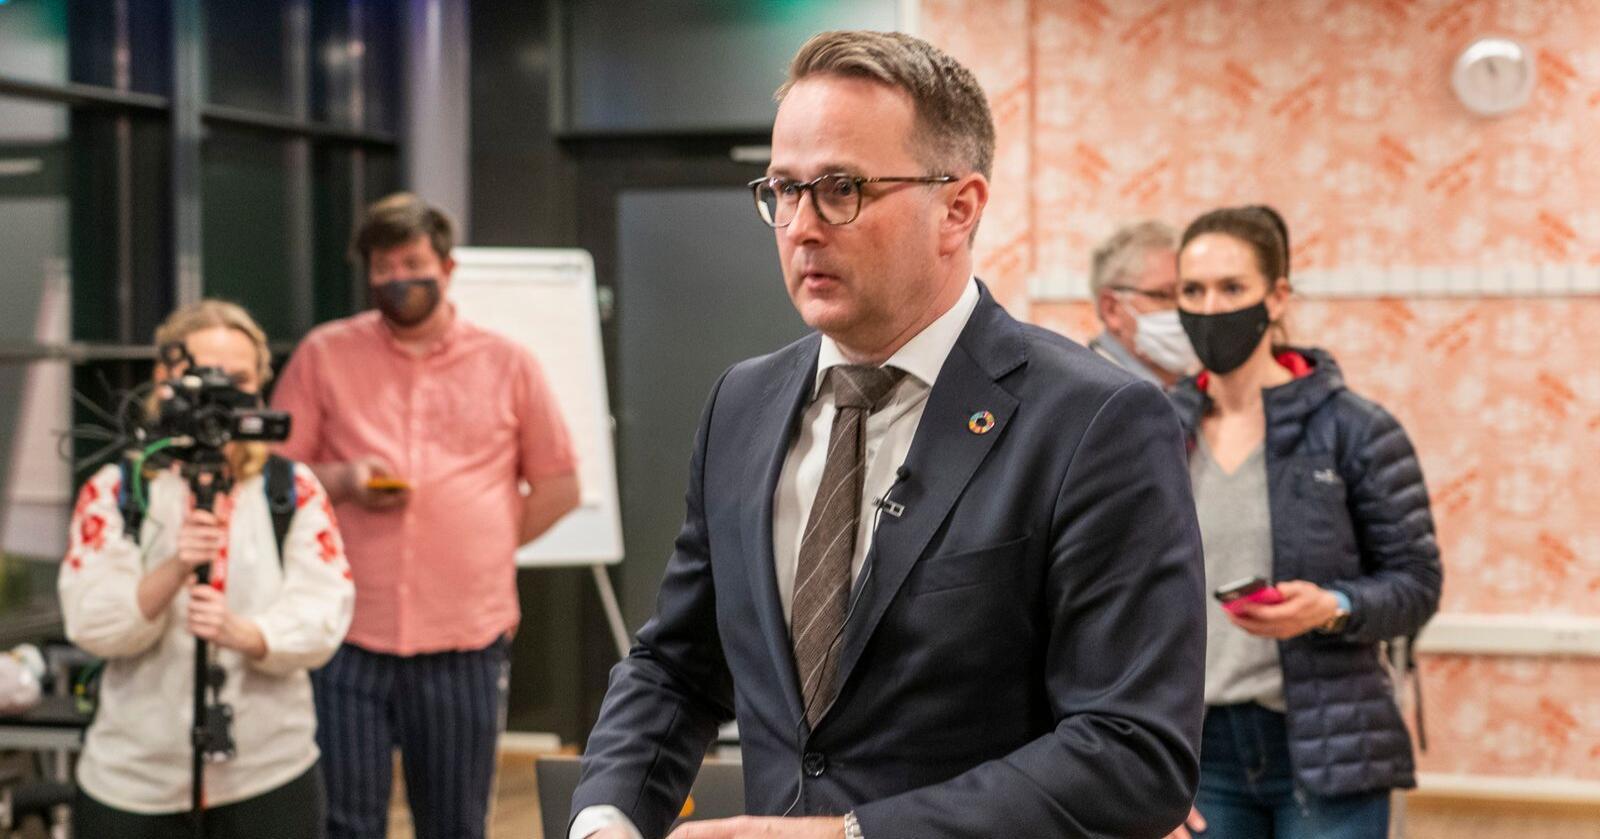 Riksmekler Mats Wilhelm Ruland  møter pressen kl 23 lørdag med oppdatering om meklingen i tarifforhandlingene mellom LO/YS og NHO. Foto: Heiko Junge / NTB